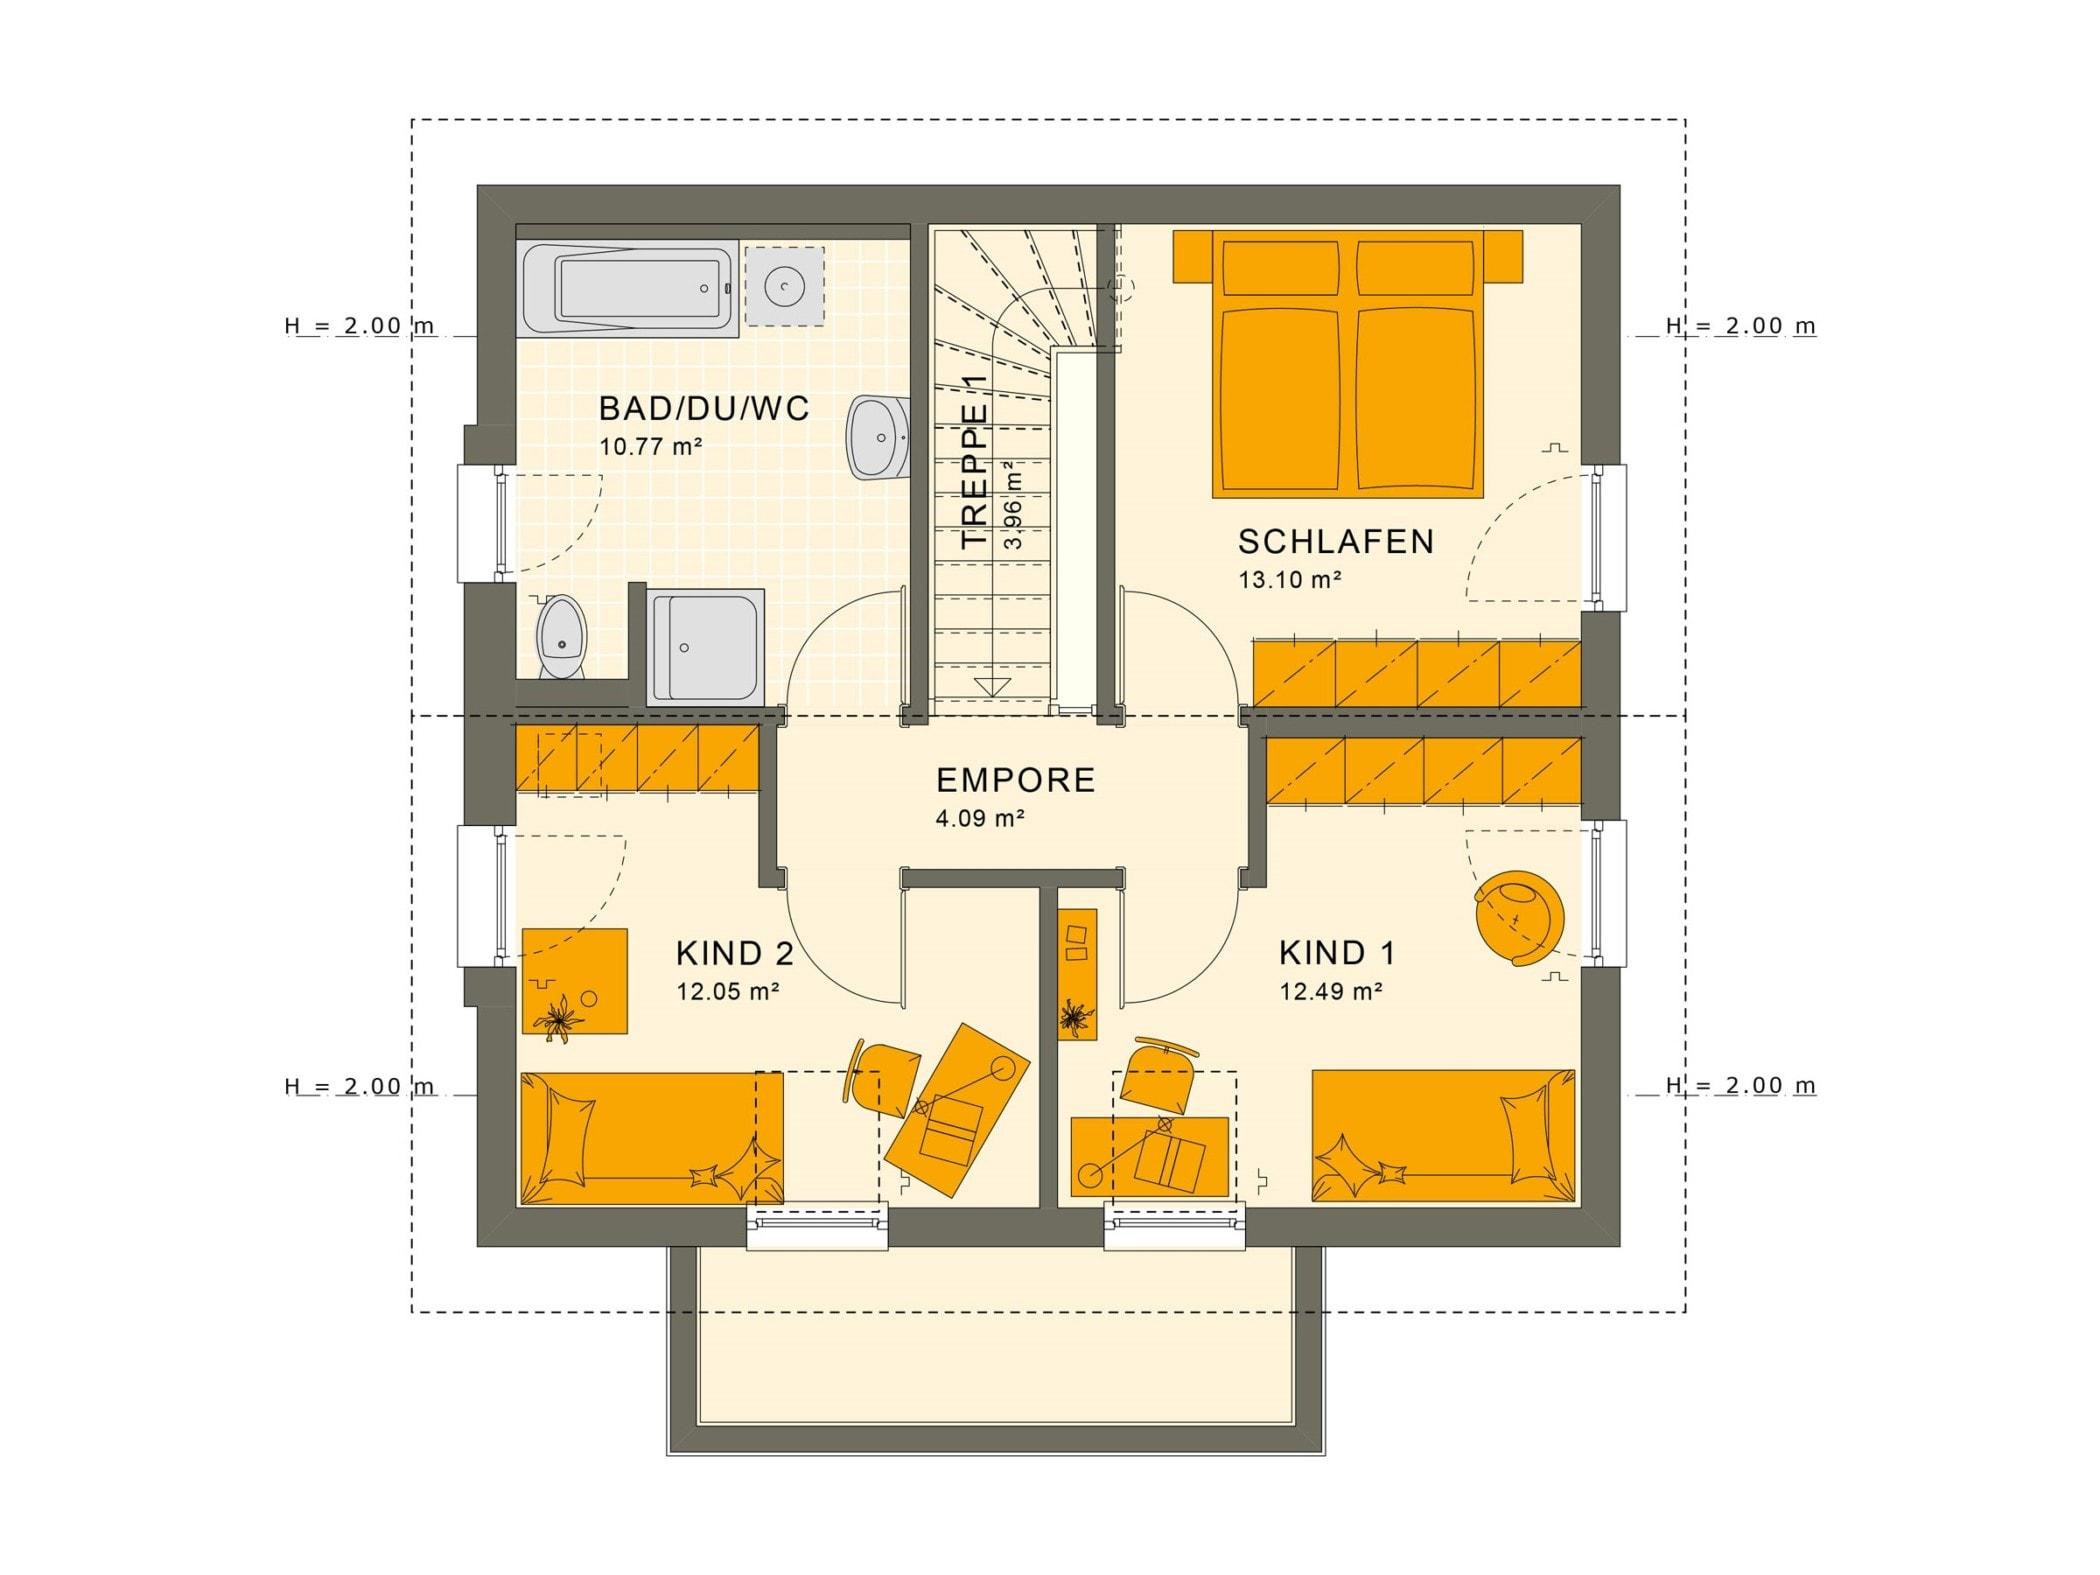 Grundriss Einfamilienhaus Obergeschoss quadratisch mit Satteldach Architektur - Haus bauen Ideen Fertighaus SUNSHINE 113 V5 von Living Haus - HausbauDirekt.de